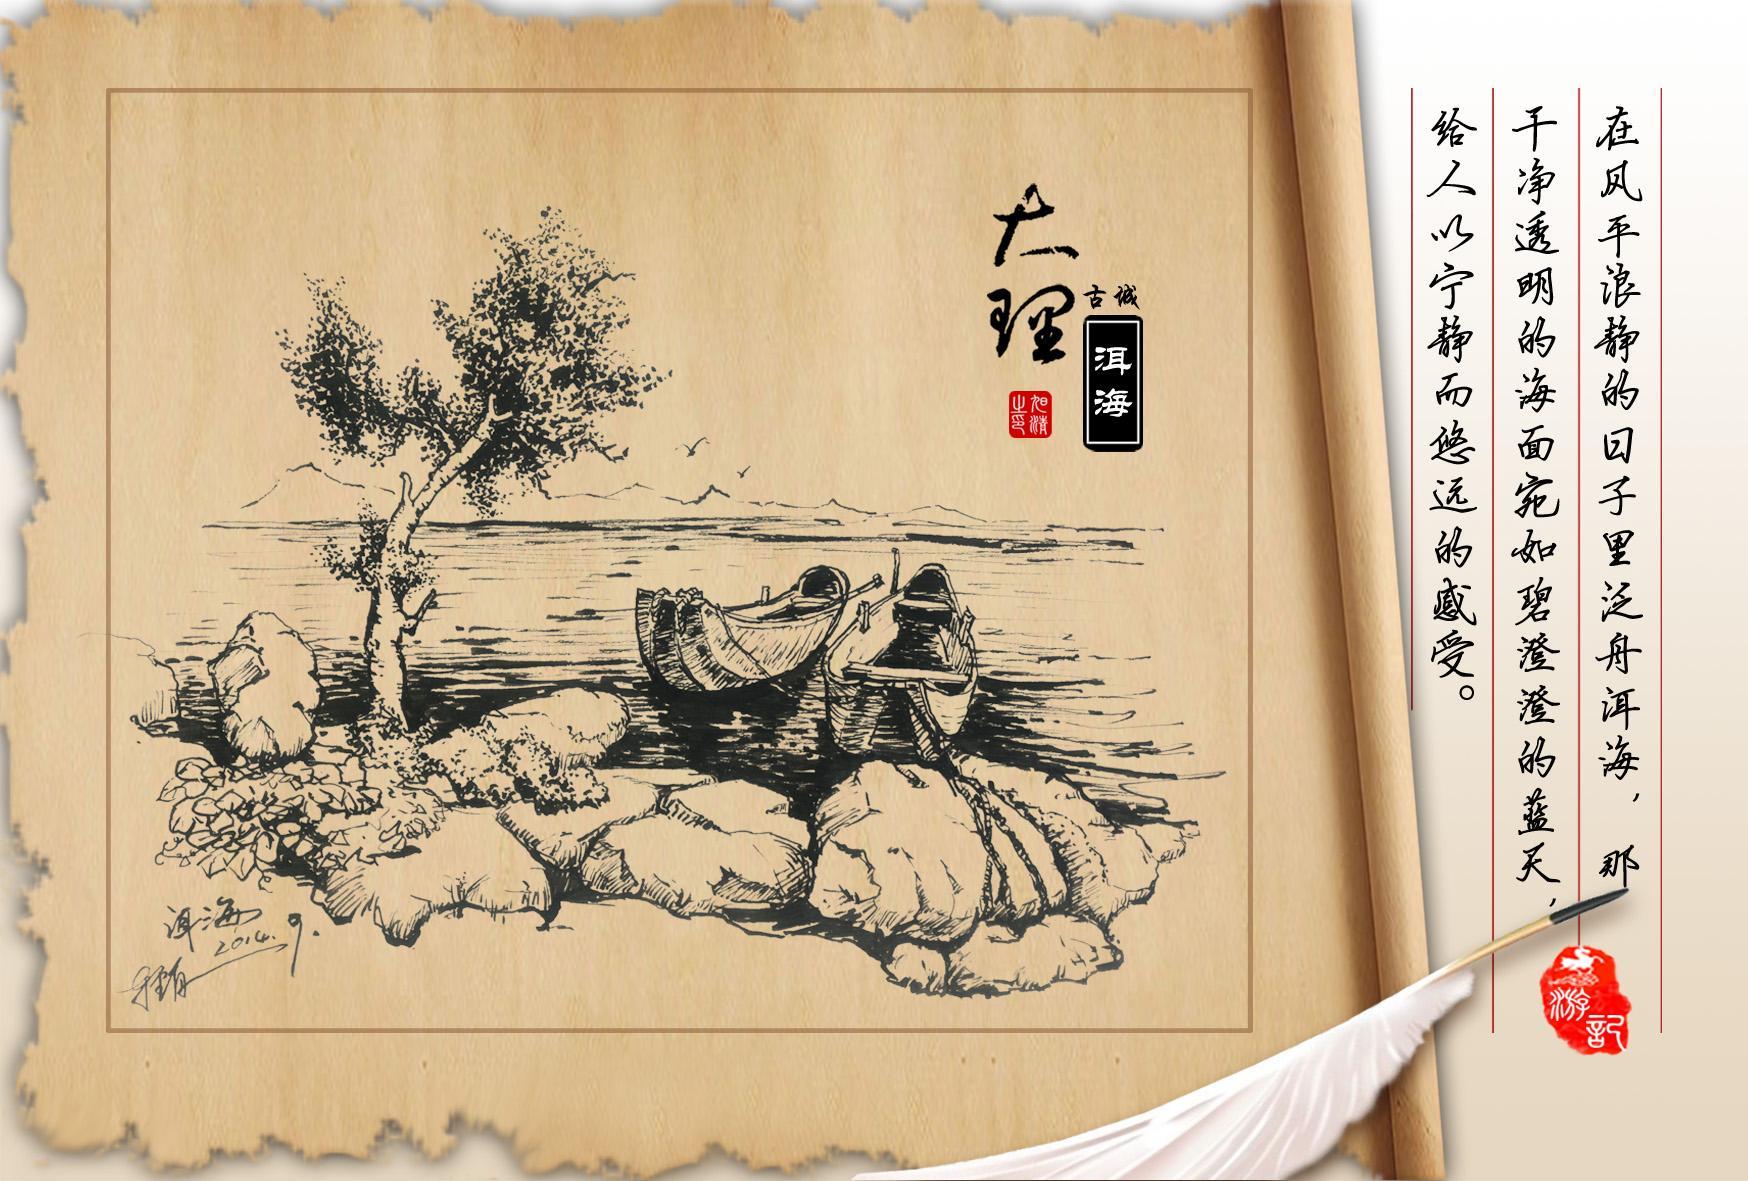 旅游手绘明信片12案例图片